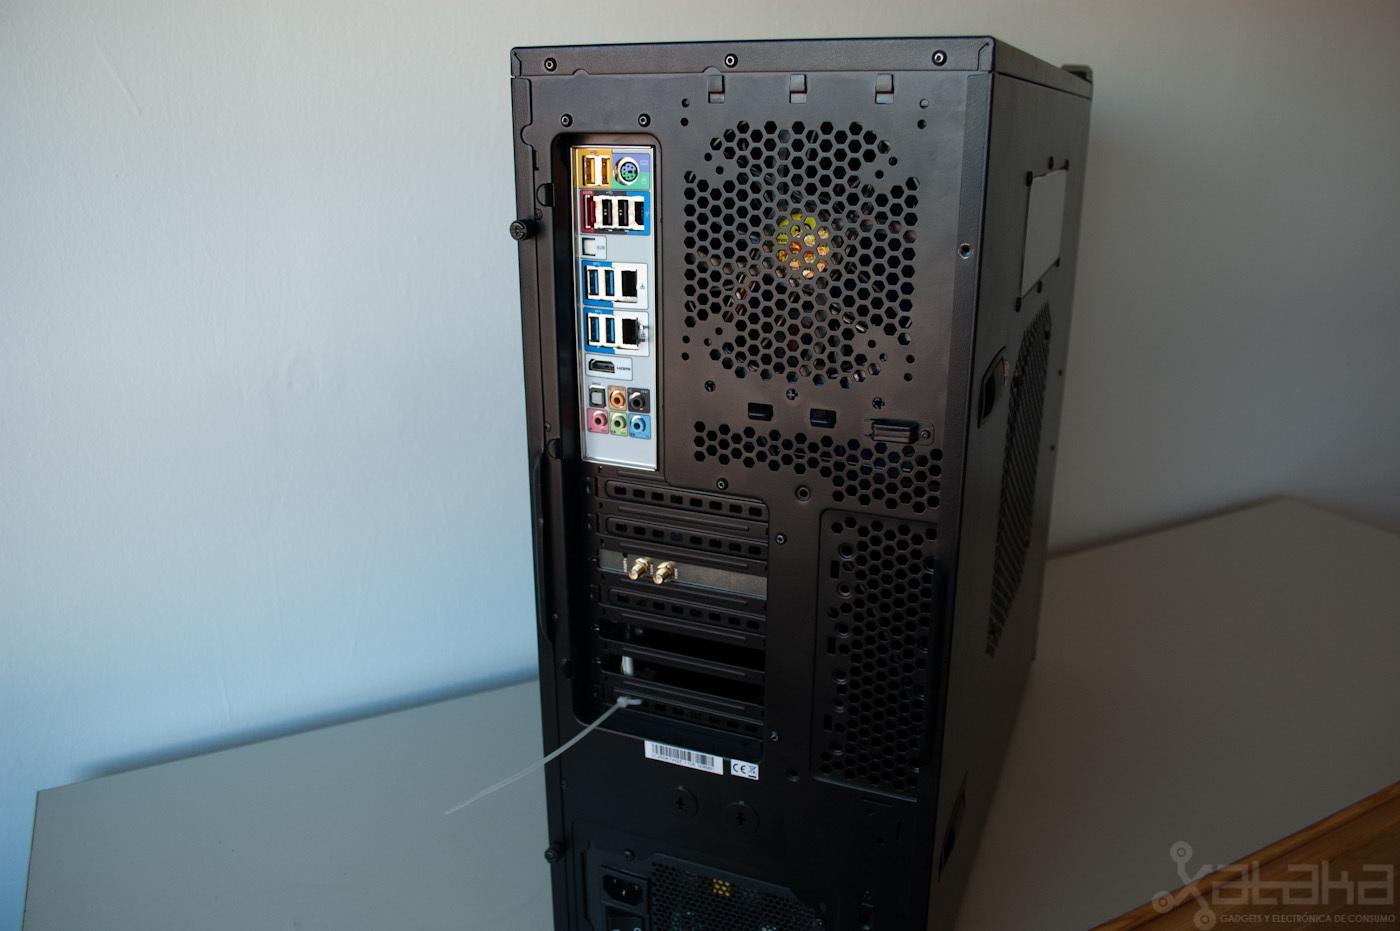 Foto de Intel Core i7-3770K, análisis (5/31)